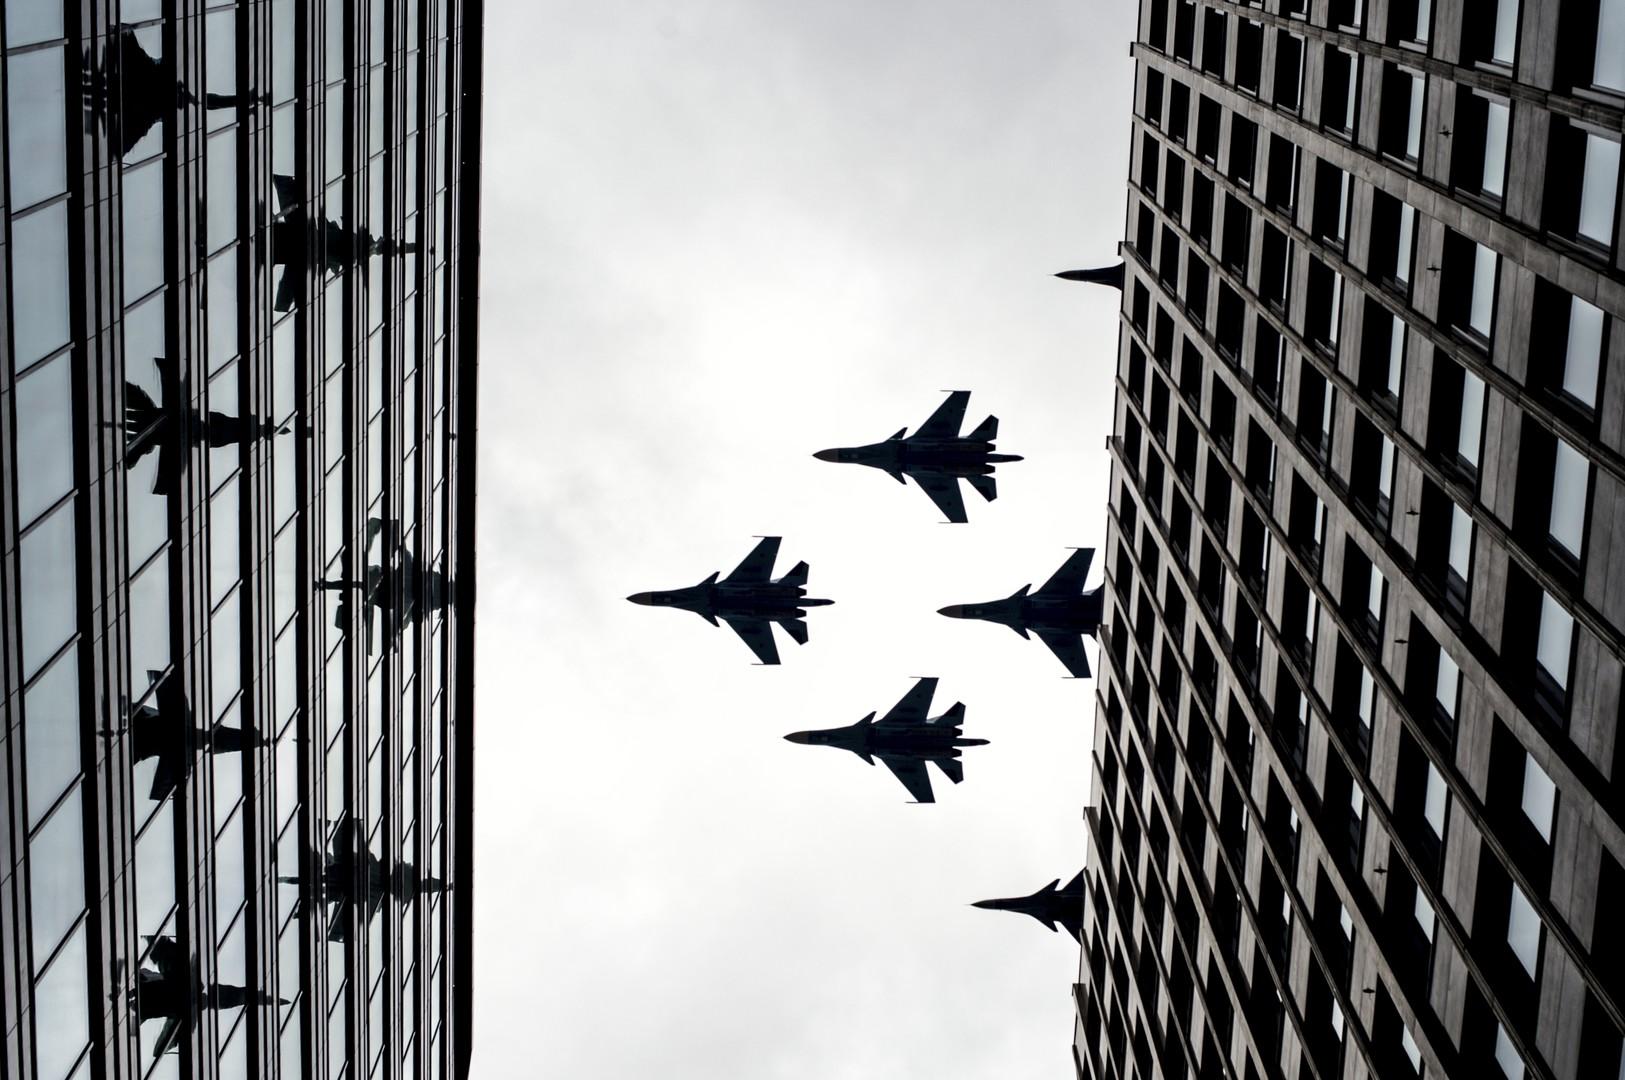 Истребители-бомбардировщики Су-34 и многоцелевые истребители Су-30 СМ на тренировке групп парадного строя авиации к параду Победы.